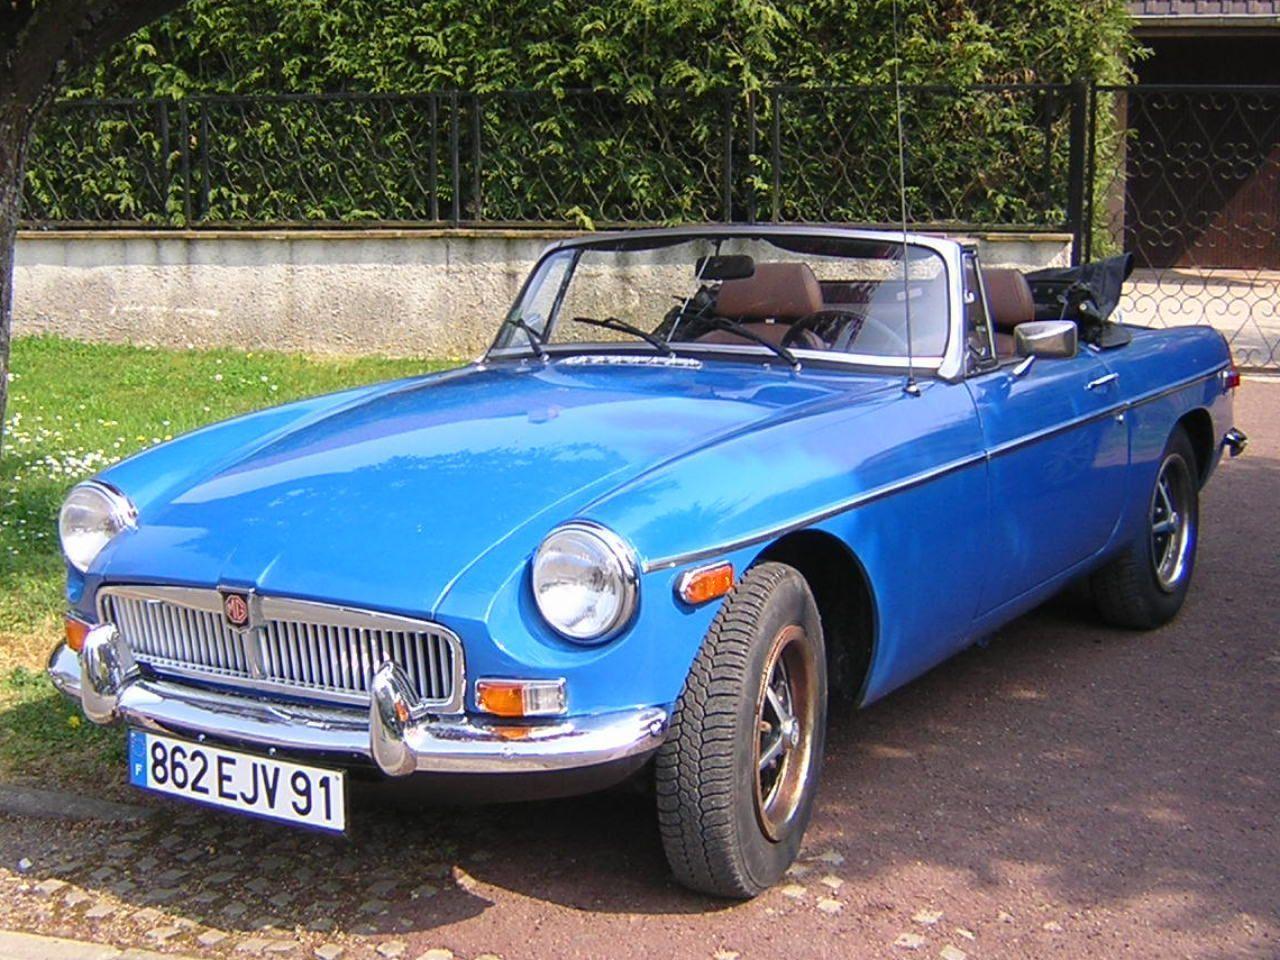 Voitures anciennes photos perso - Image de vieille voiture ...